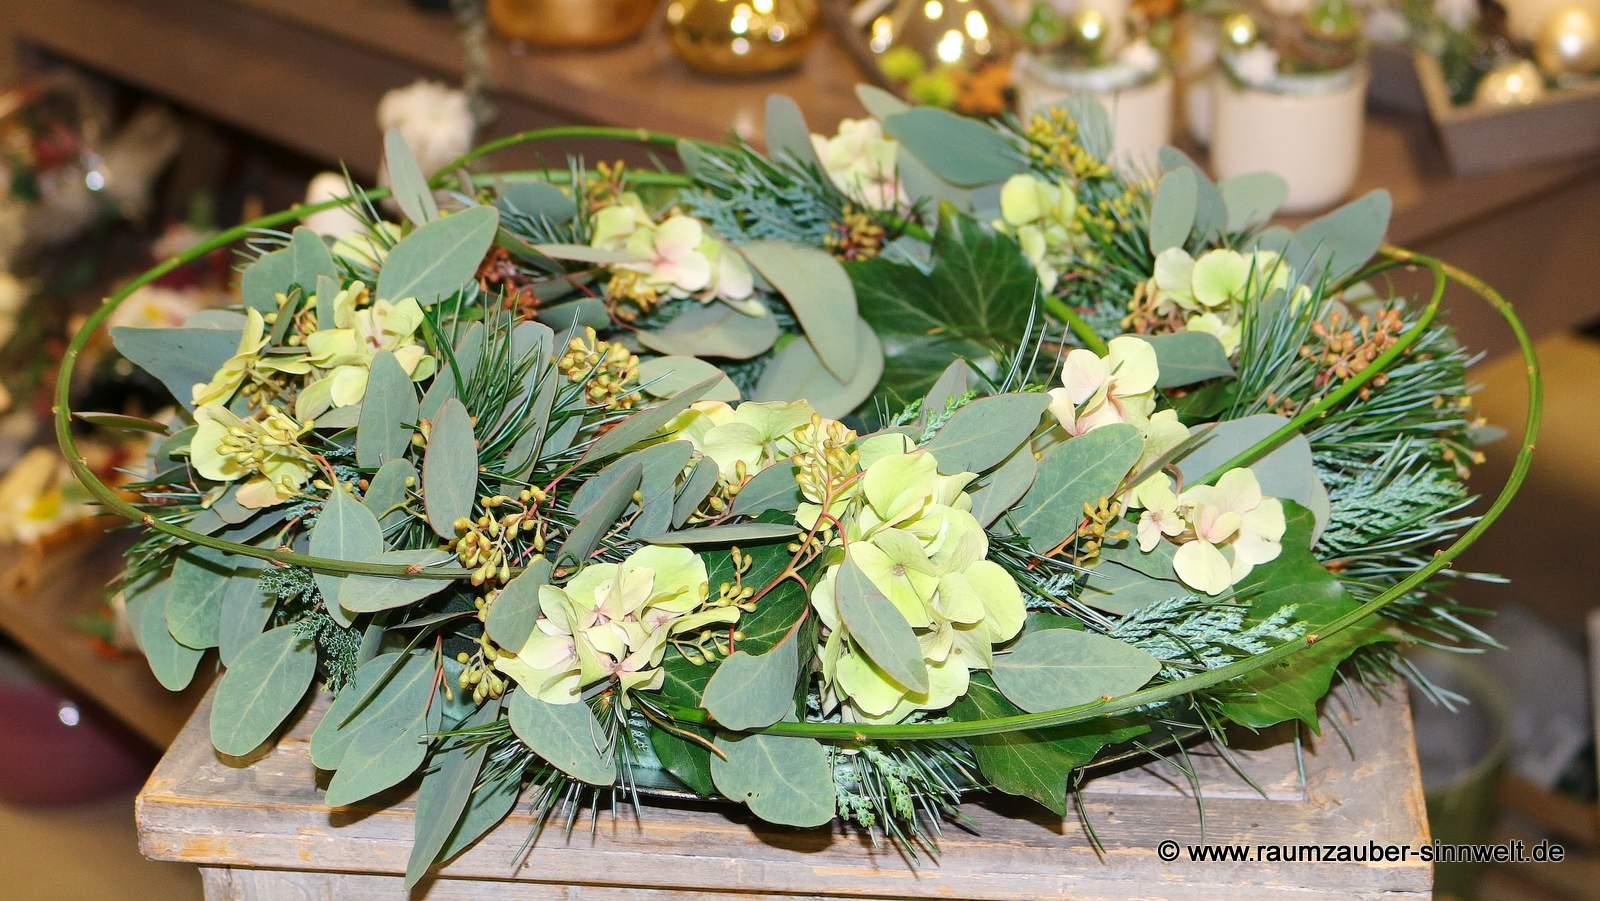 Blumengesteck mit Eukalyptus und Hortensie